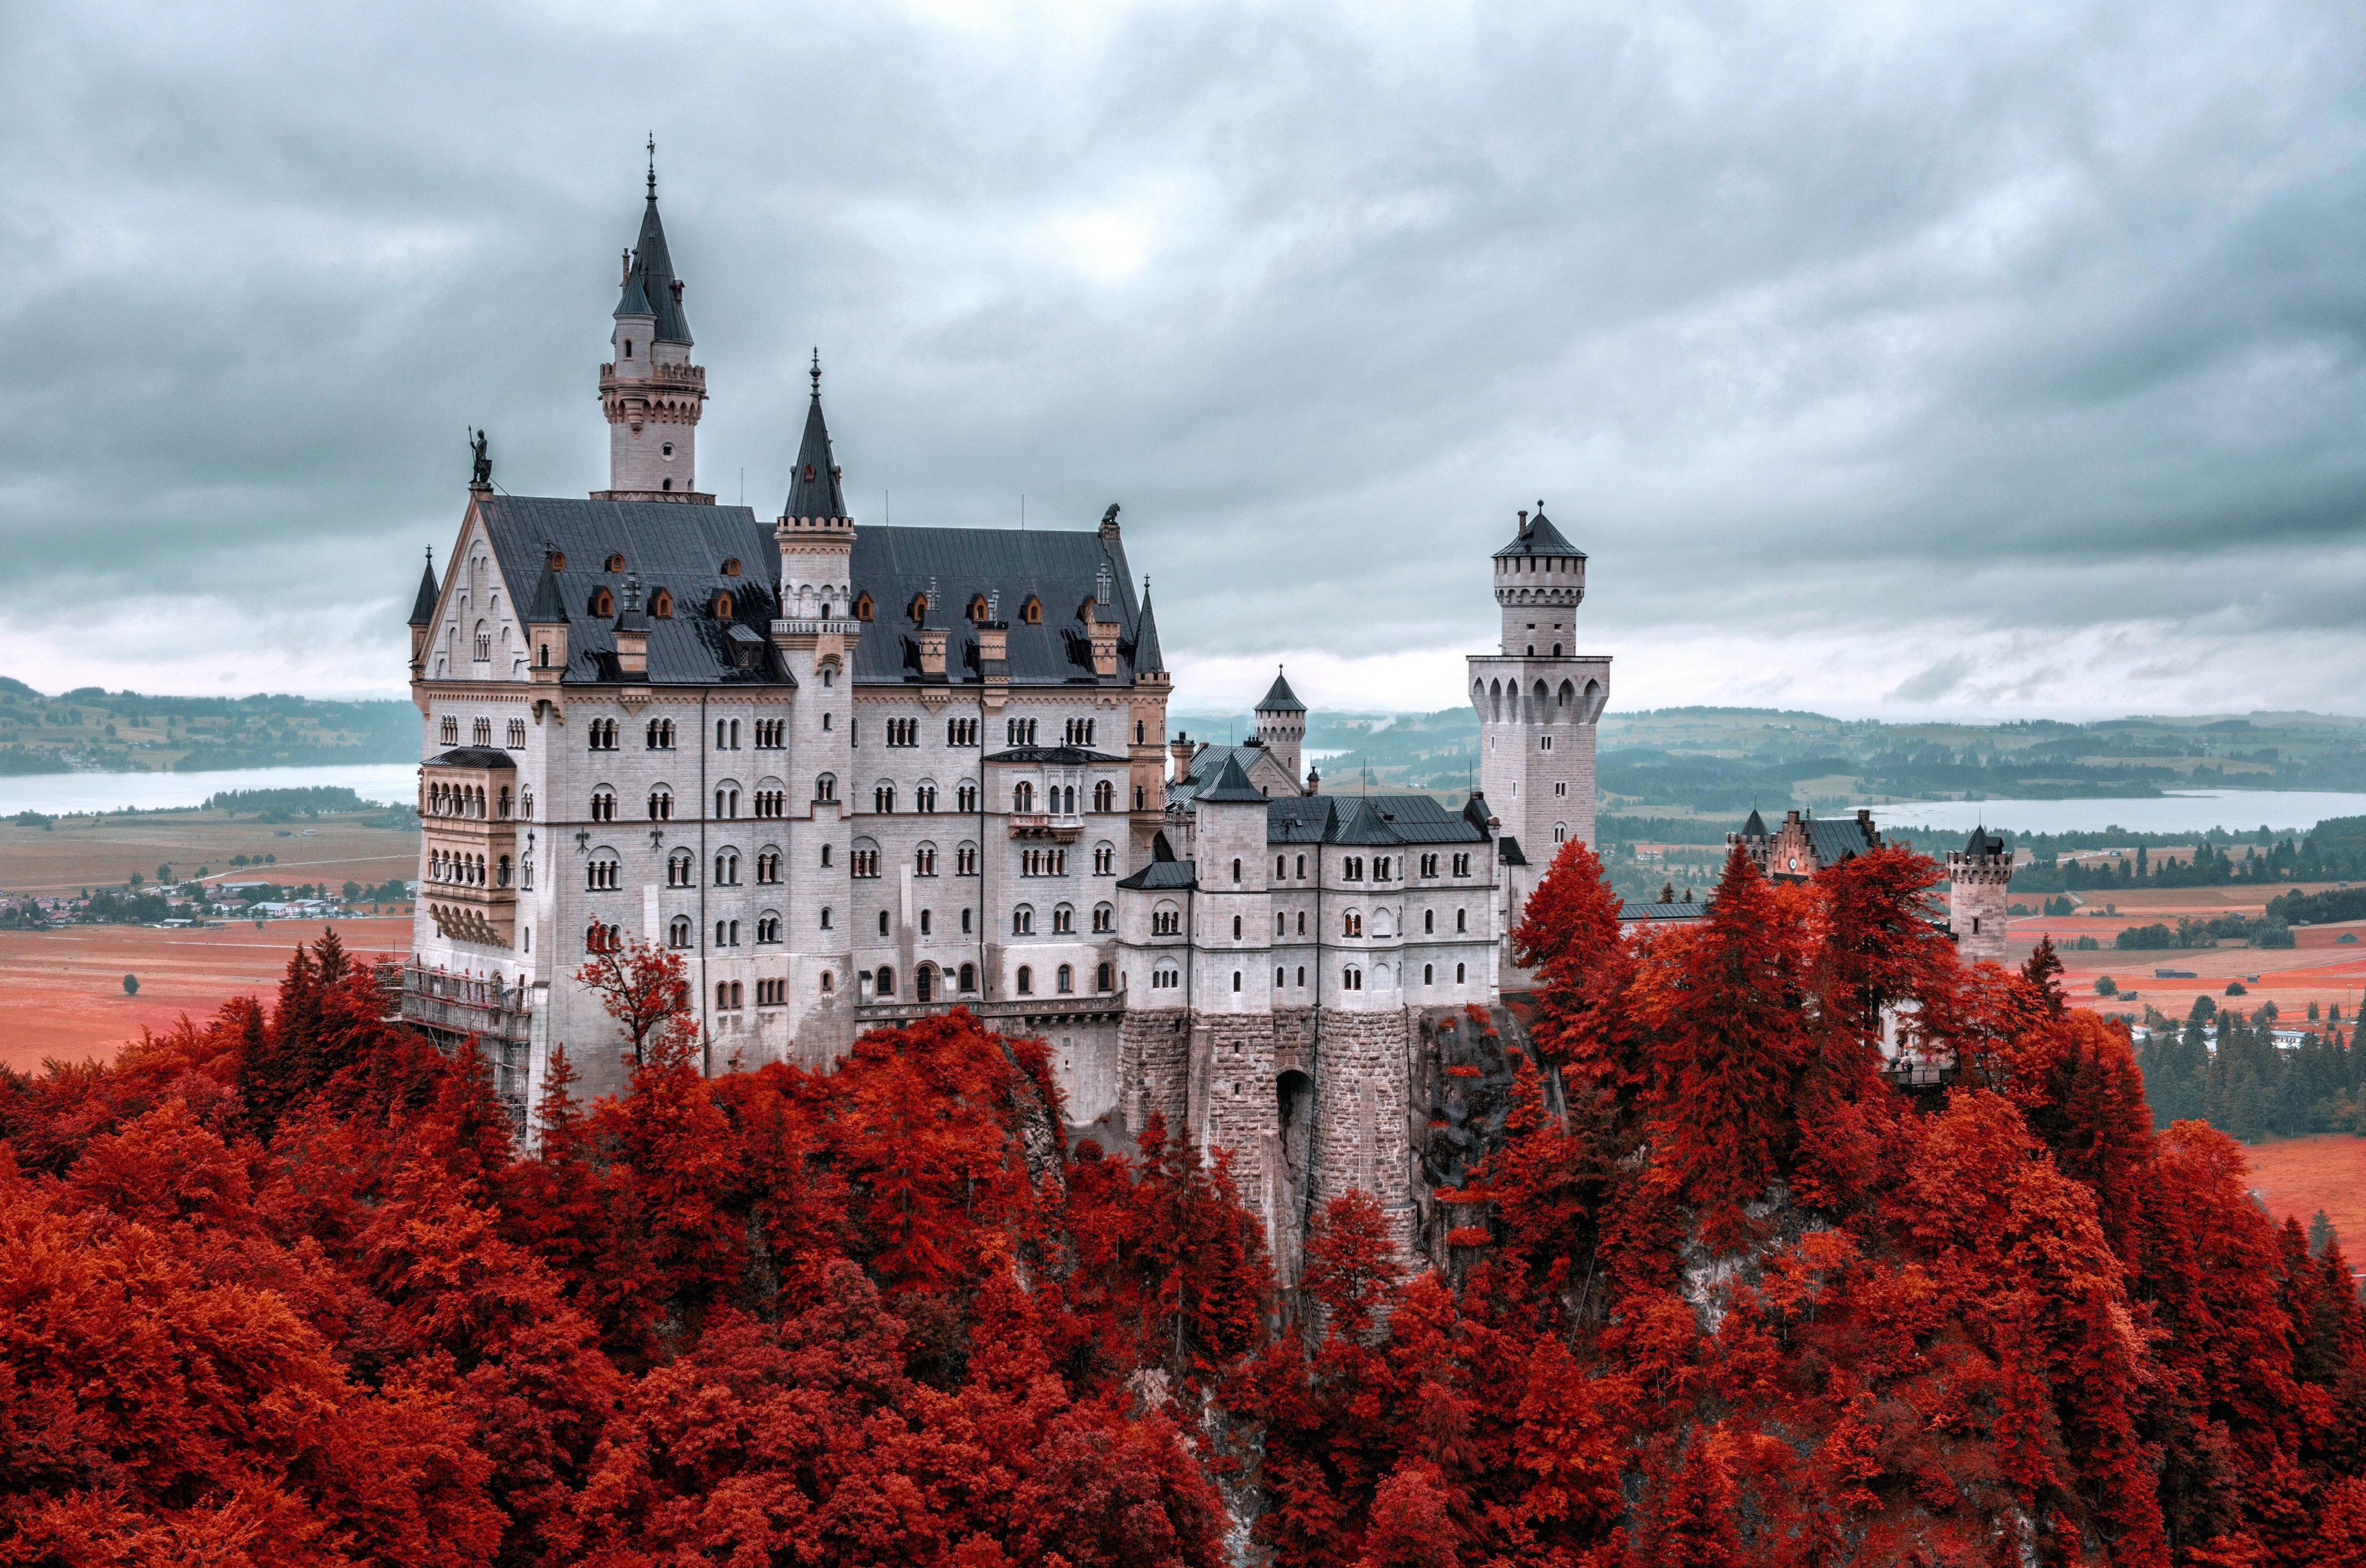 Neuschwanstein Castle 4k Download Best Hd 4k Wallpaper Hdwallpaper Desktop Neuschwanstein Castle Germany Castles Castle